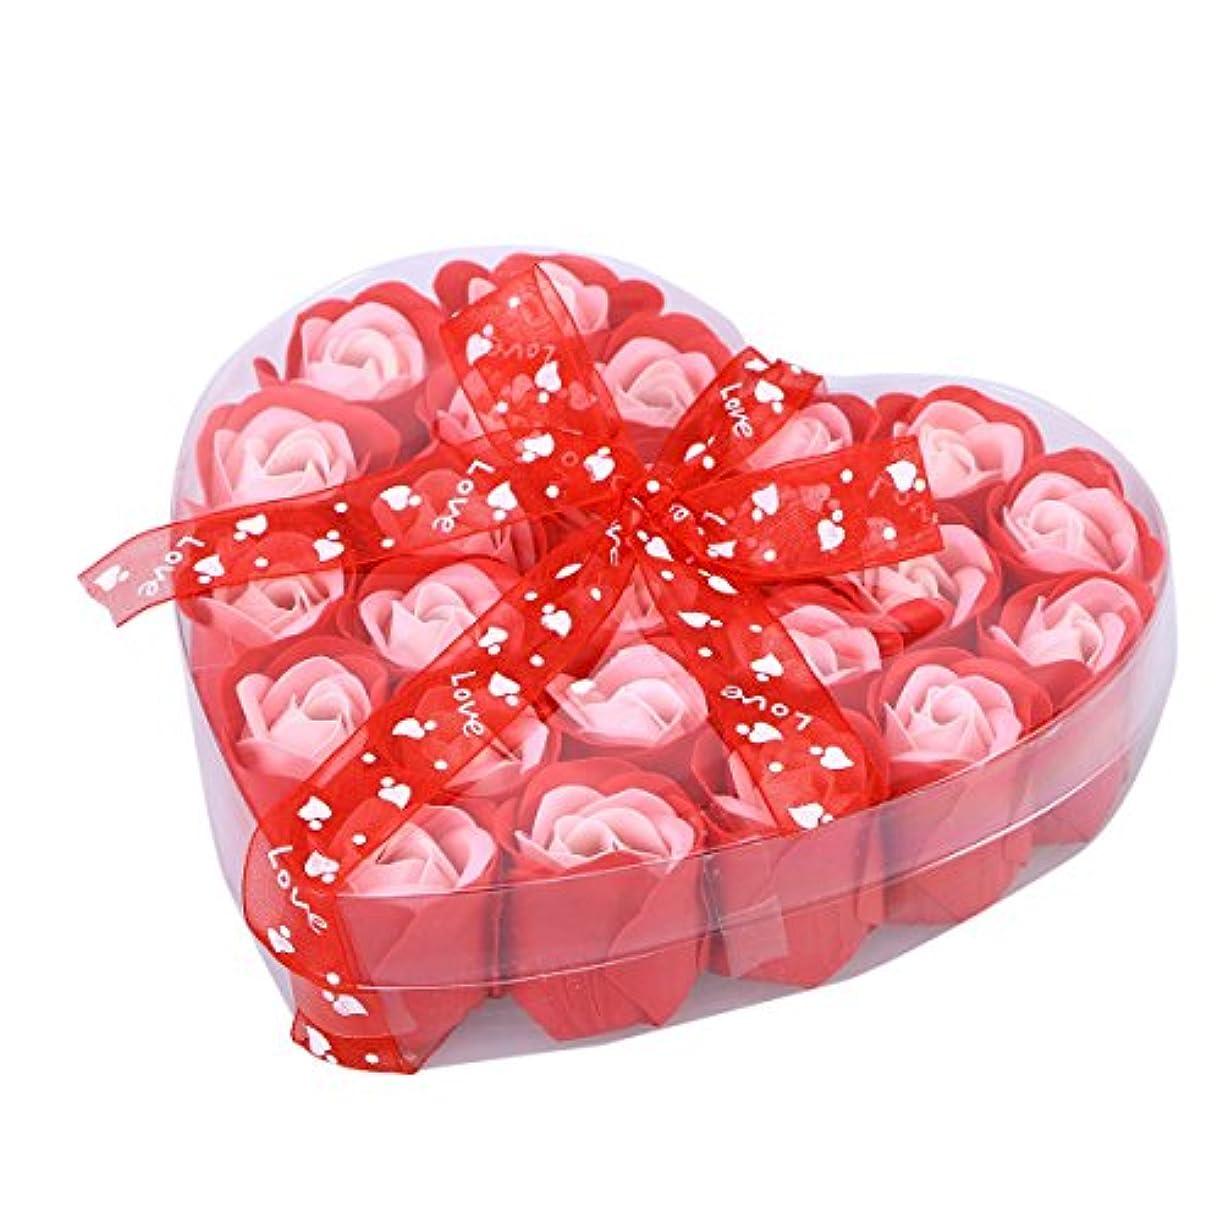 滞在ジュース請求Frcolor 香り付きバスソープ ハートボックスにバラ形のソープ 飾り物 ギフト 24個入